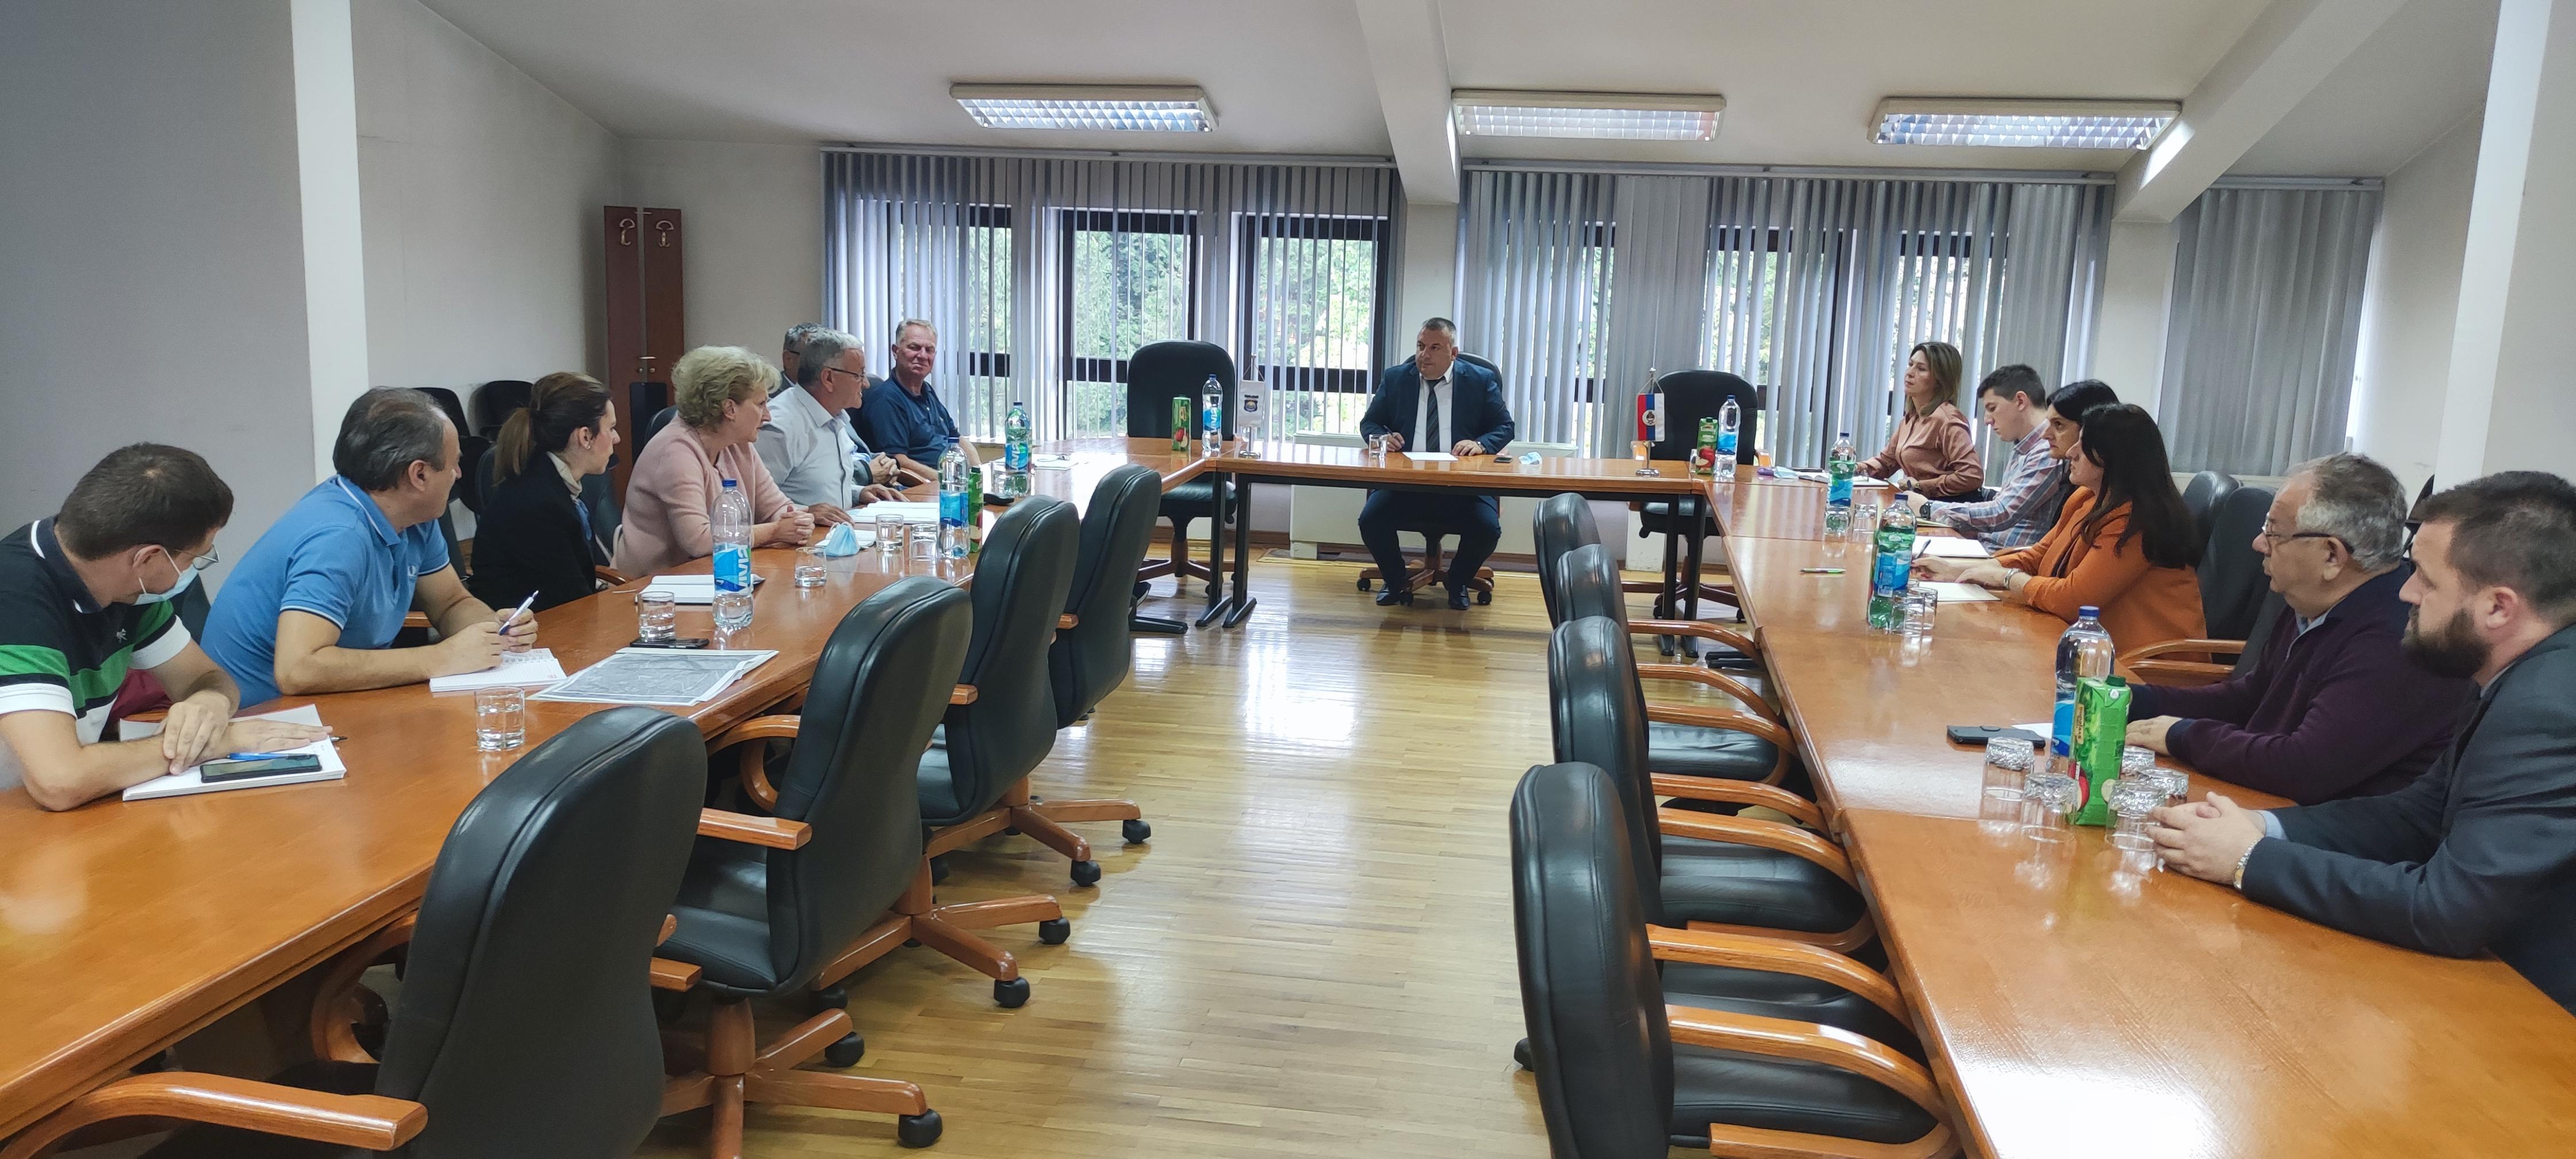 Počeo premjer katastarske opštine Tarevci